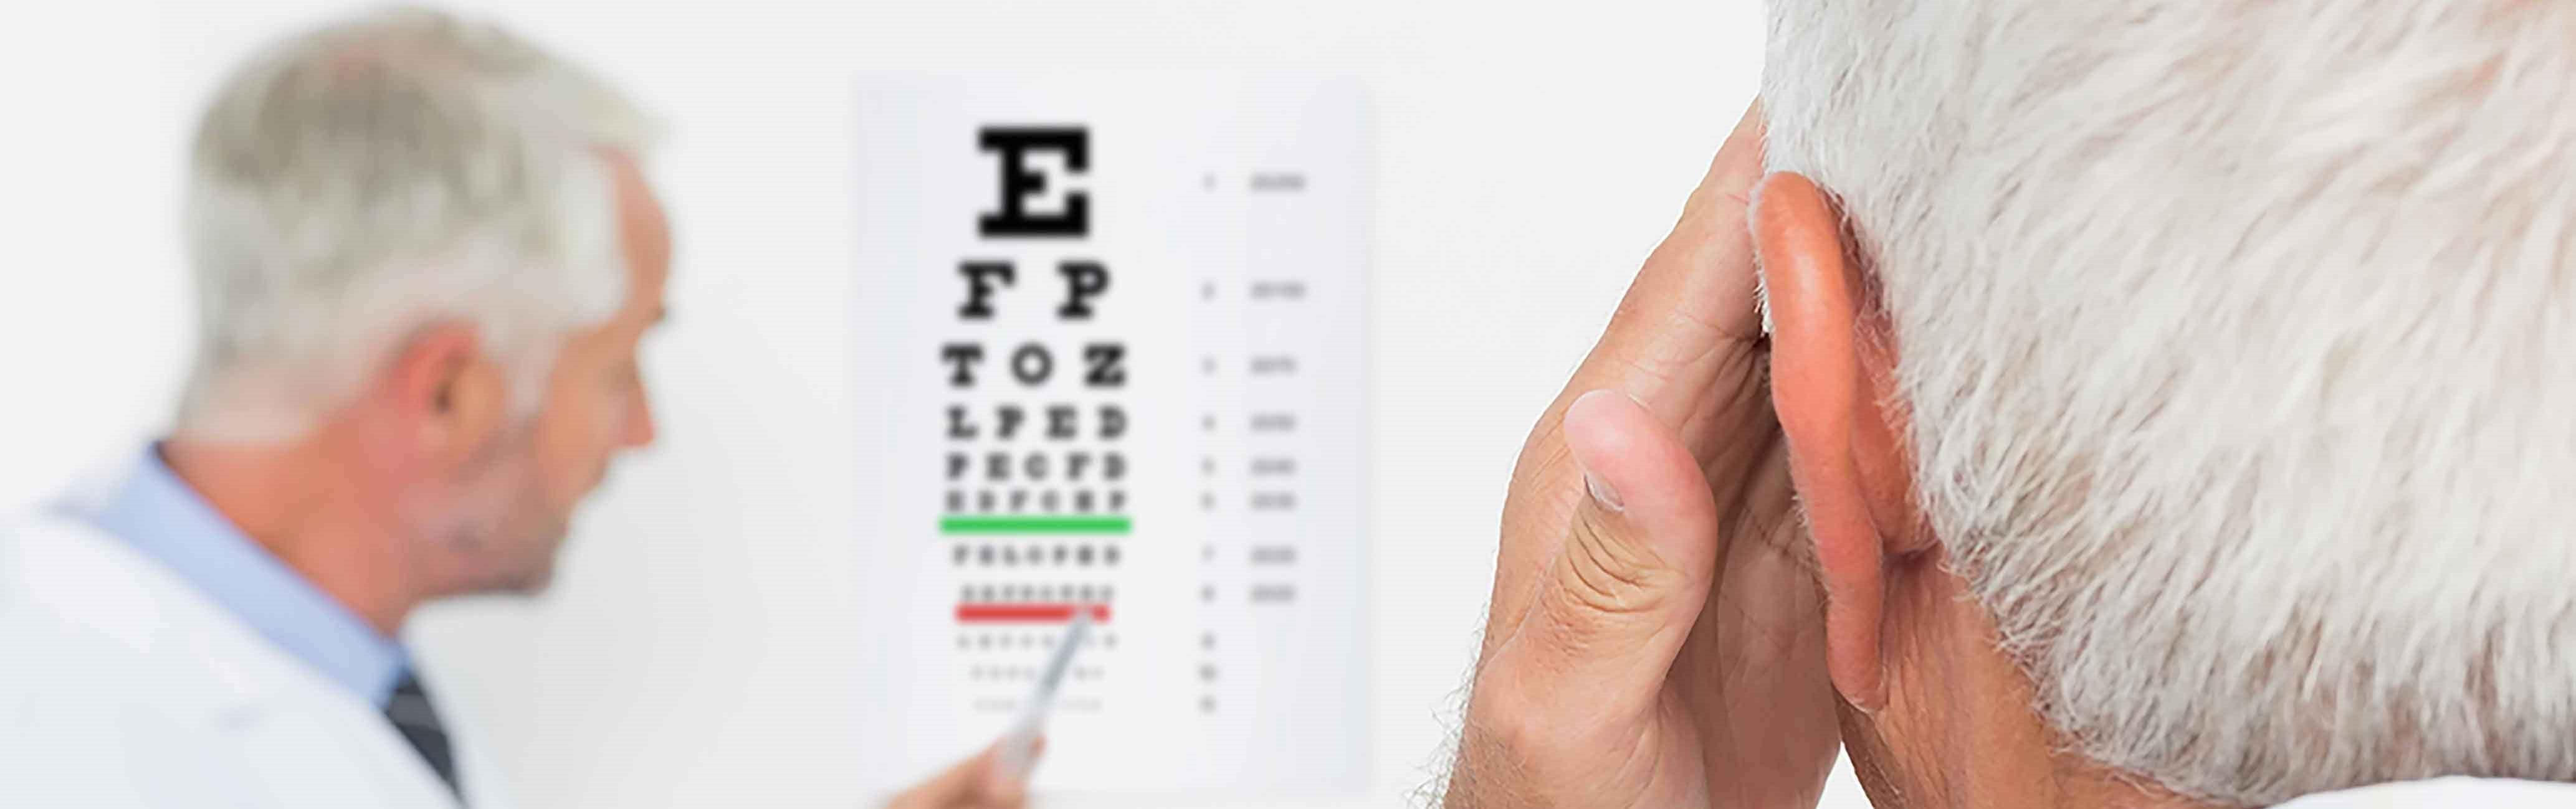 مراقبت منظم از چشم یک امر حیاتی است